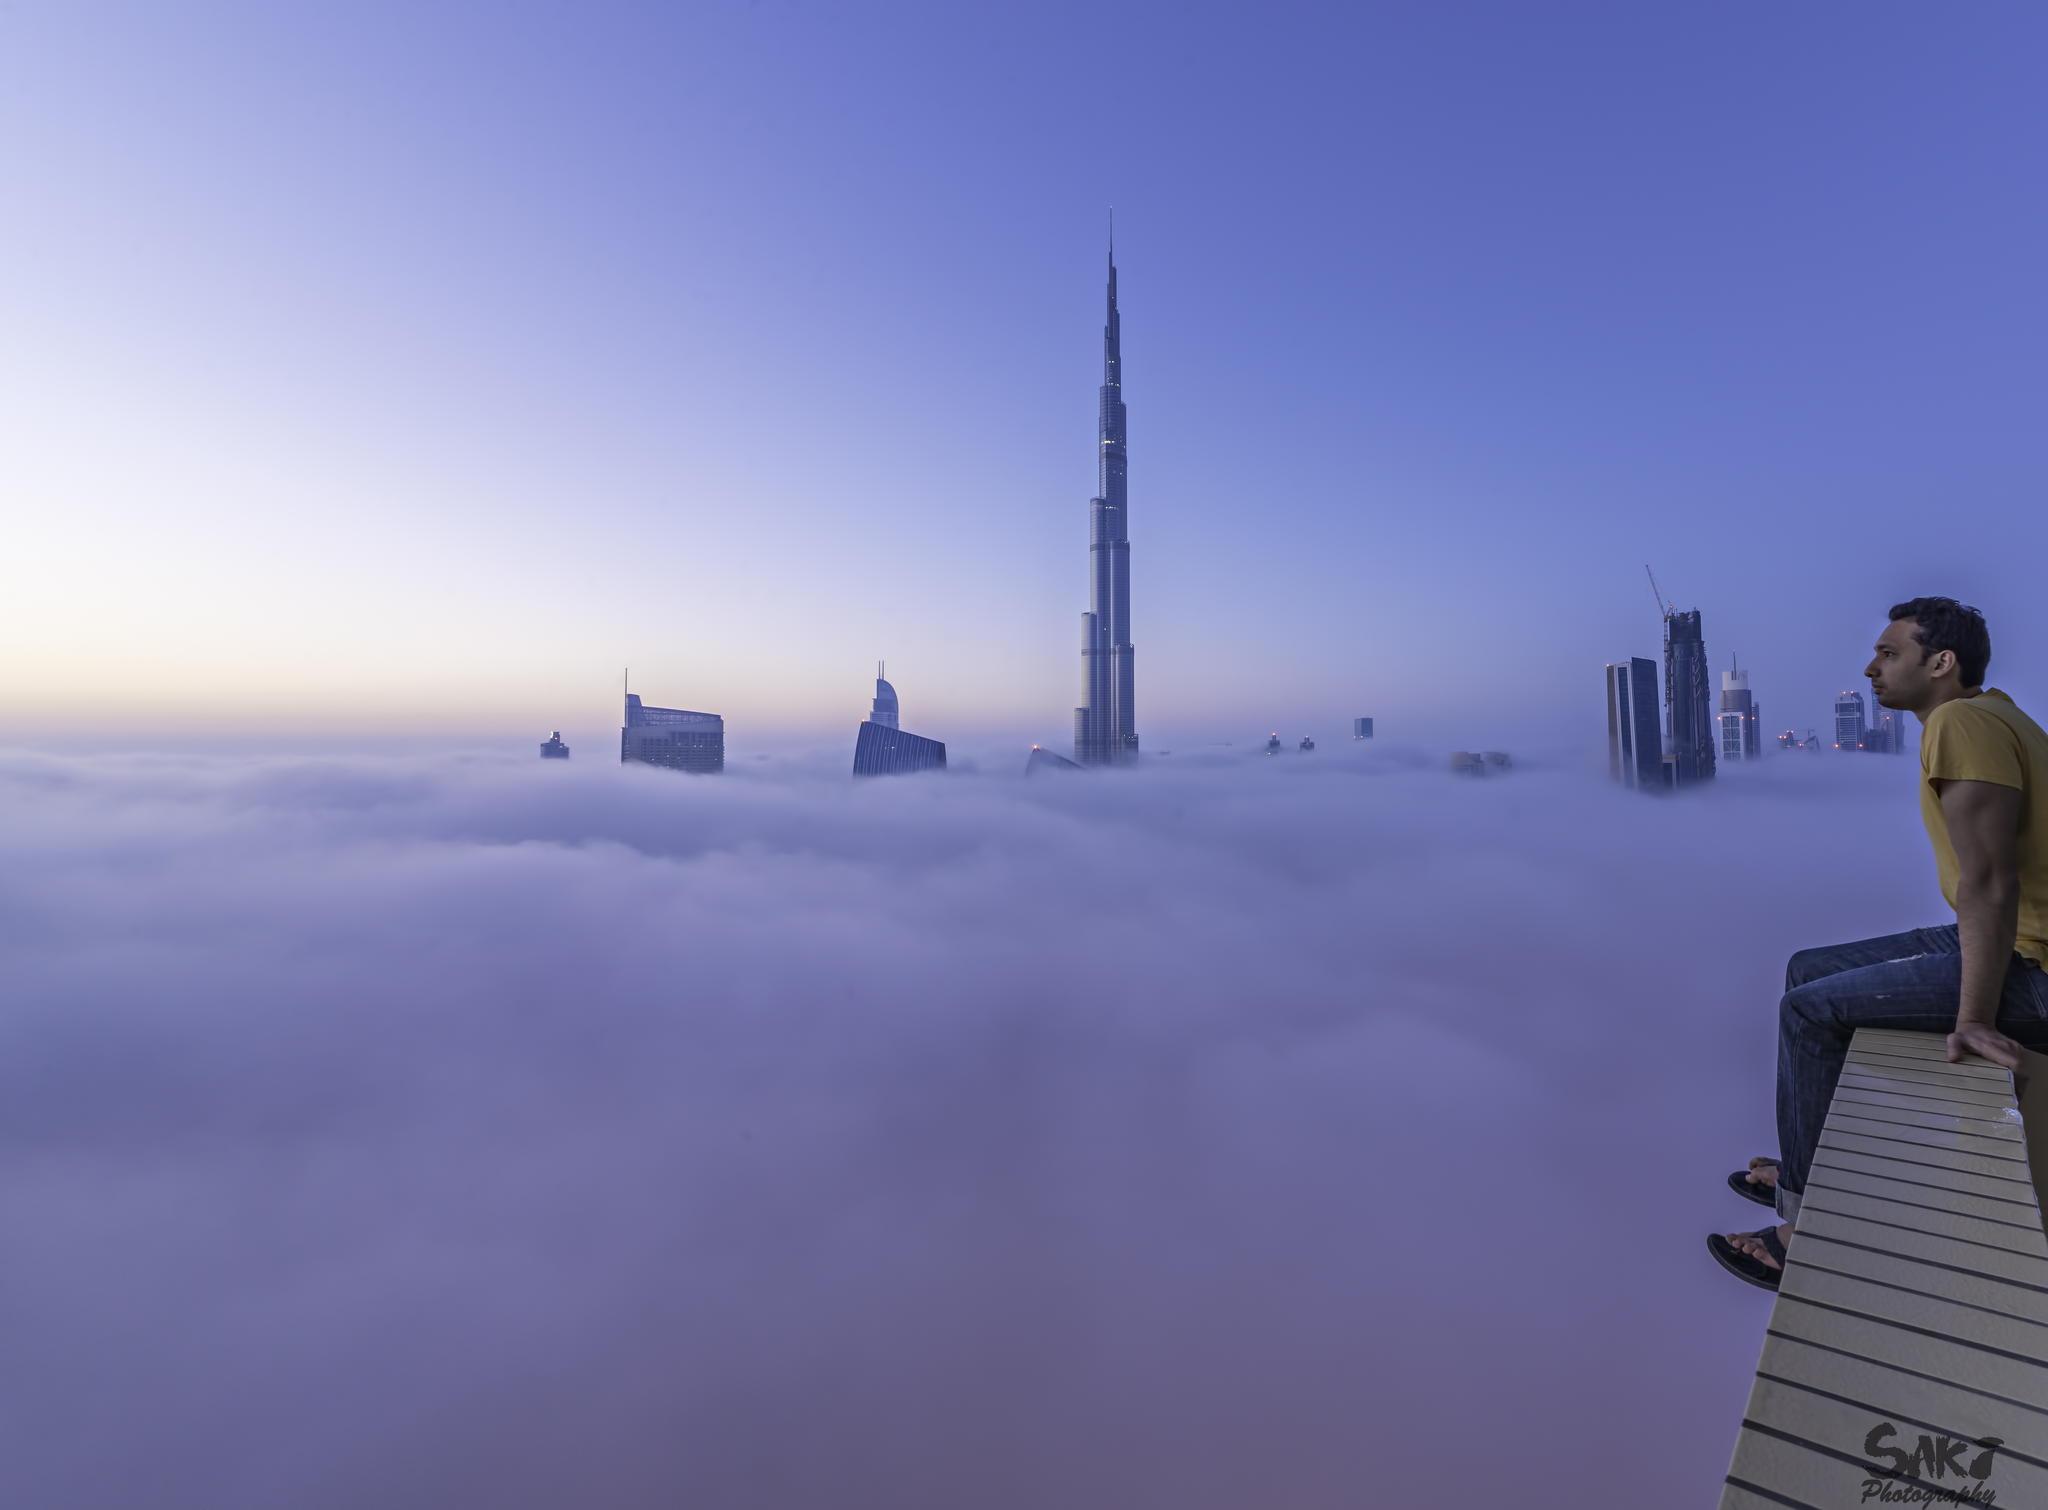 晨雾中的绝美风景[13p] - 100%纯净水 - 炫音音乐论坛